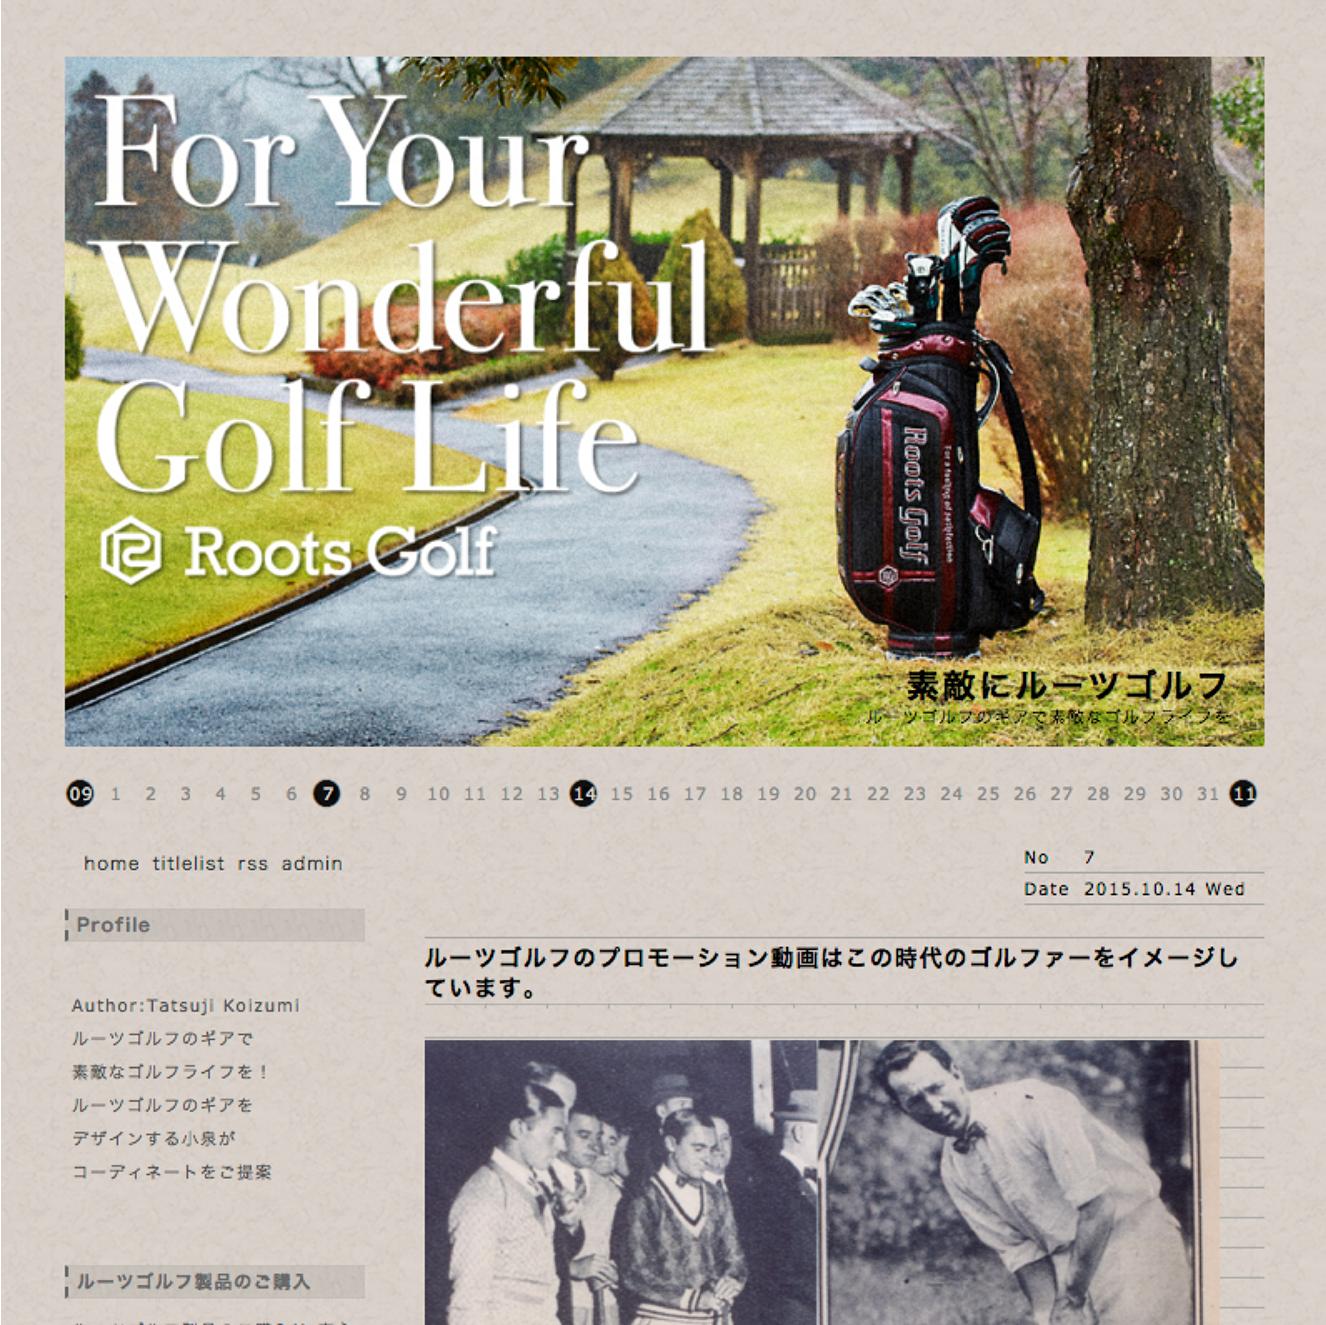 ブログ「素敵にルーツゴルフ」